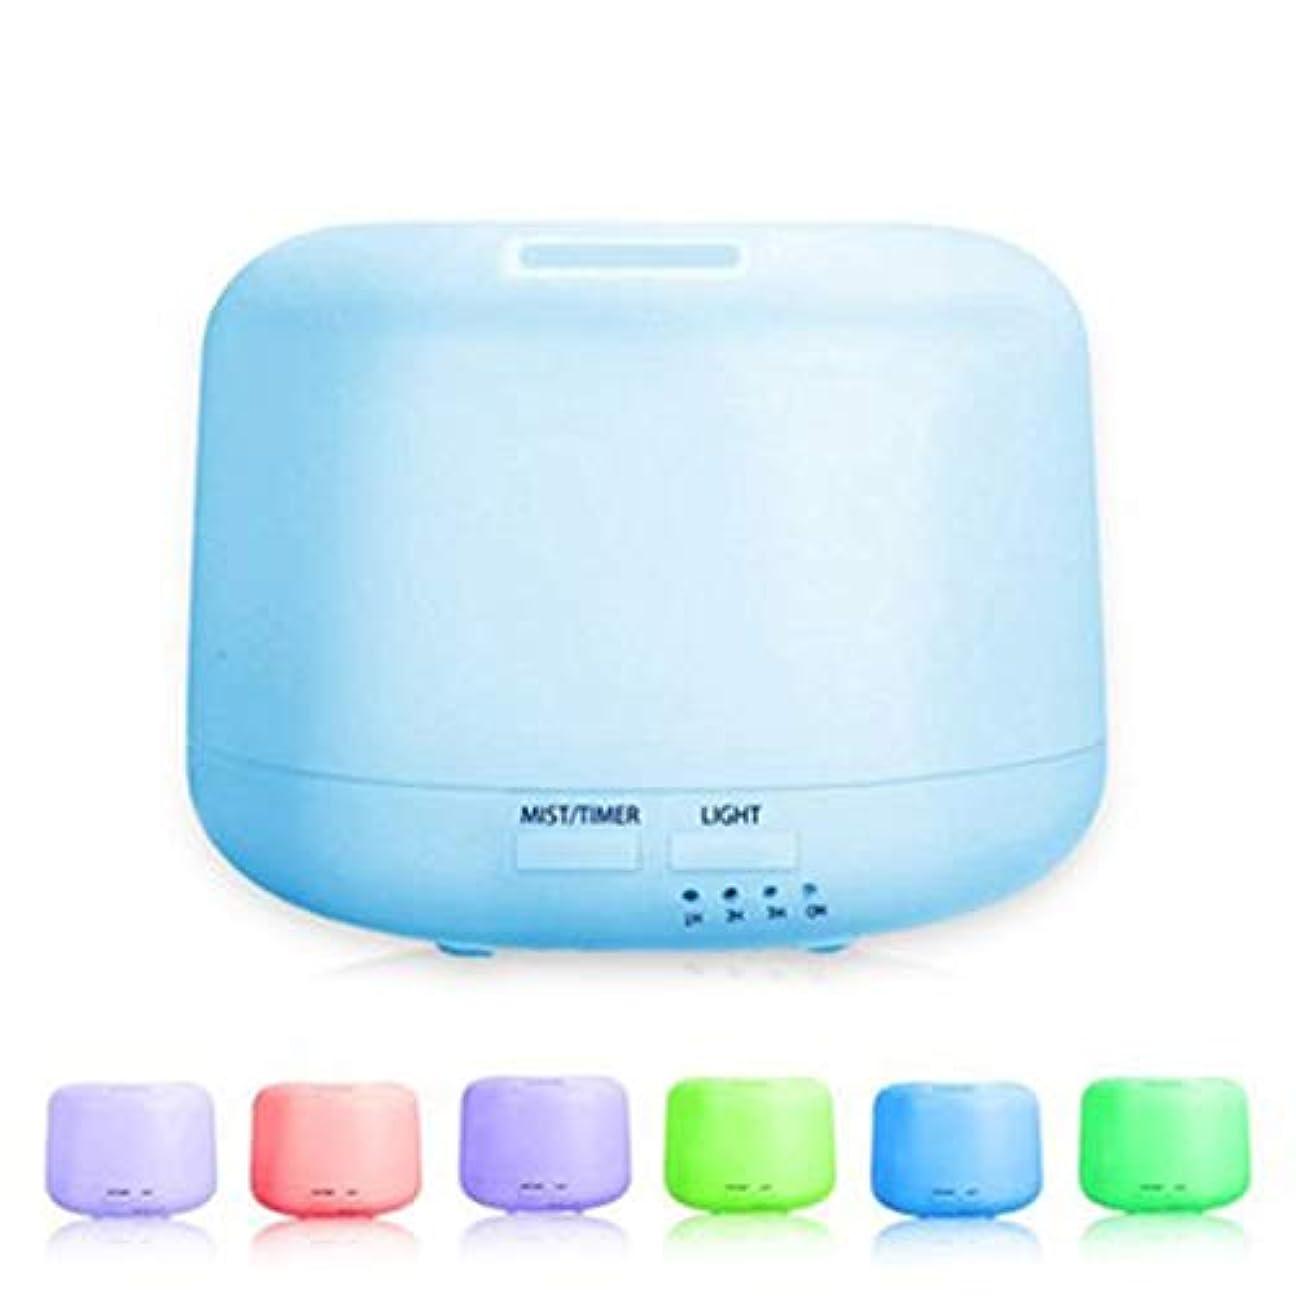 有名な明らかスーパー300ml拡散器の涼しい霧の加湿器の4つのタイマーおよび7つのLED色の変更ライトが付いている水なしの自動遮断 (Color : Colorful)